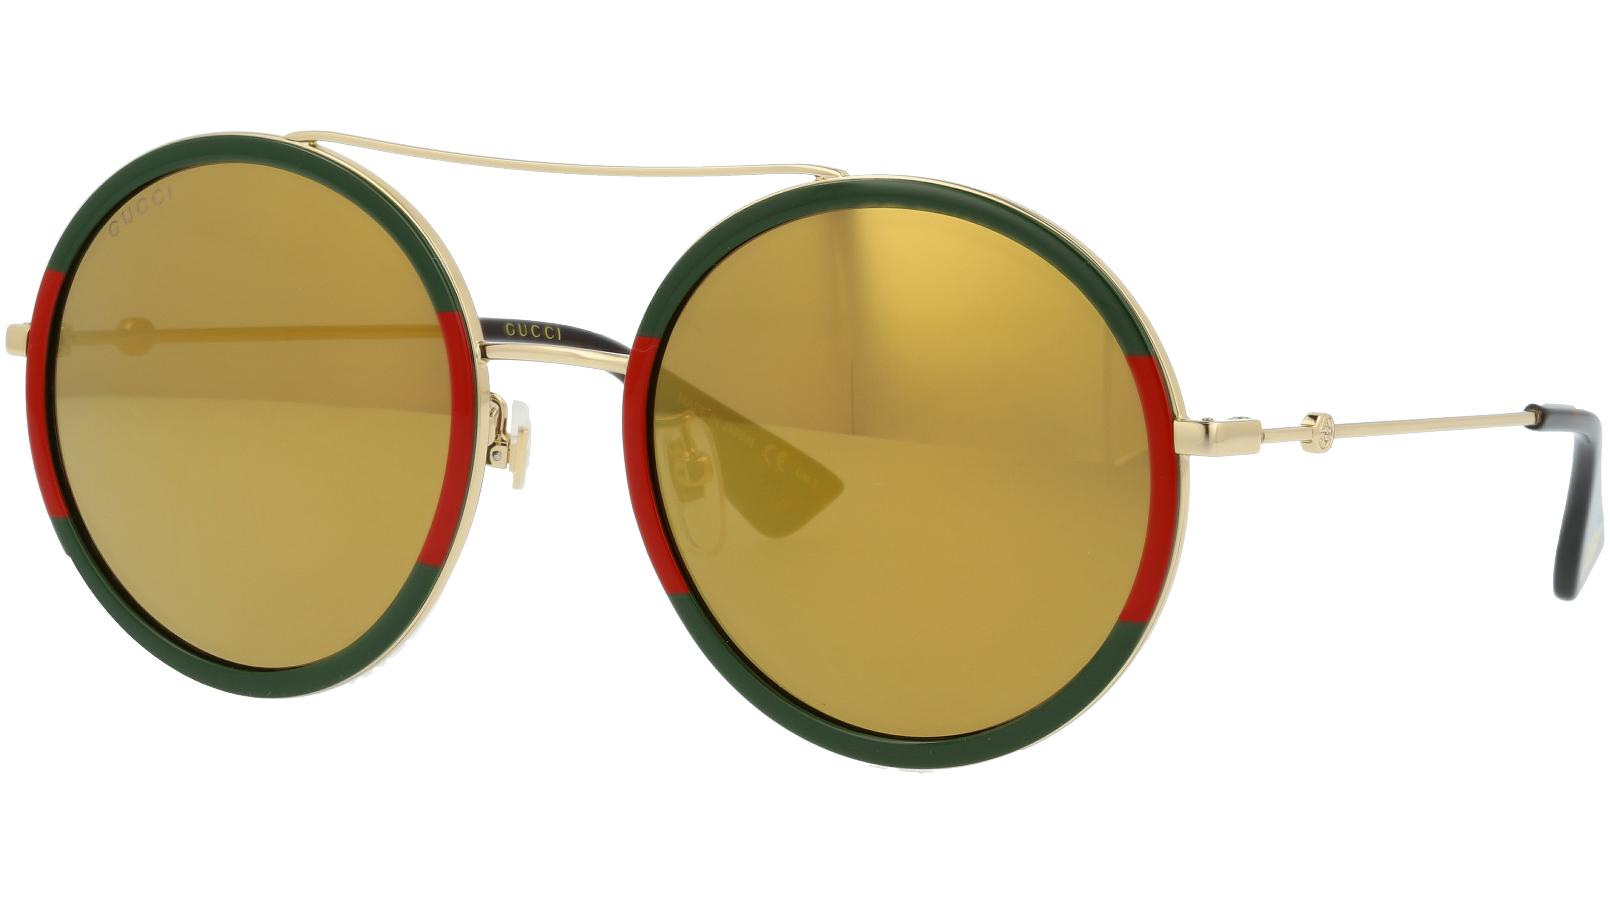 GUCCI GG0061S 012 56 GOLD Sunglasses